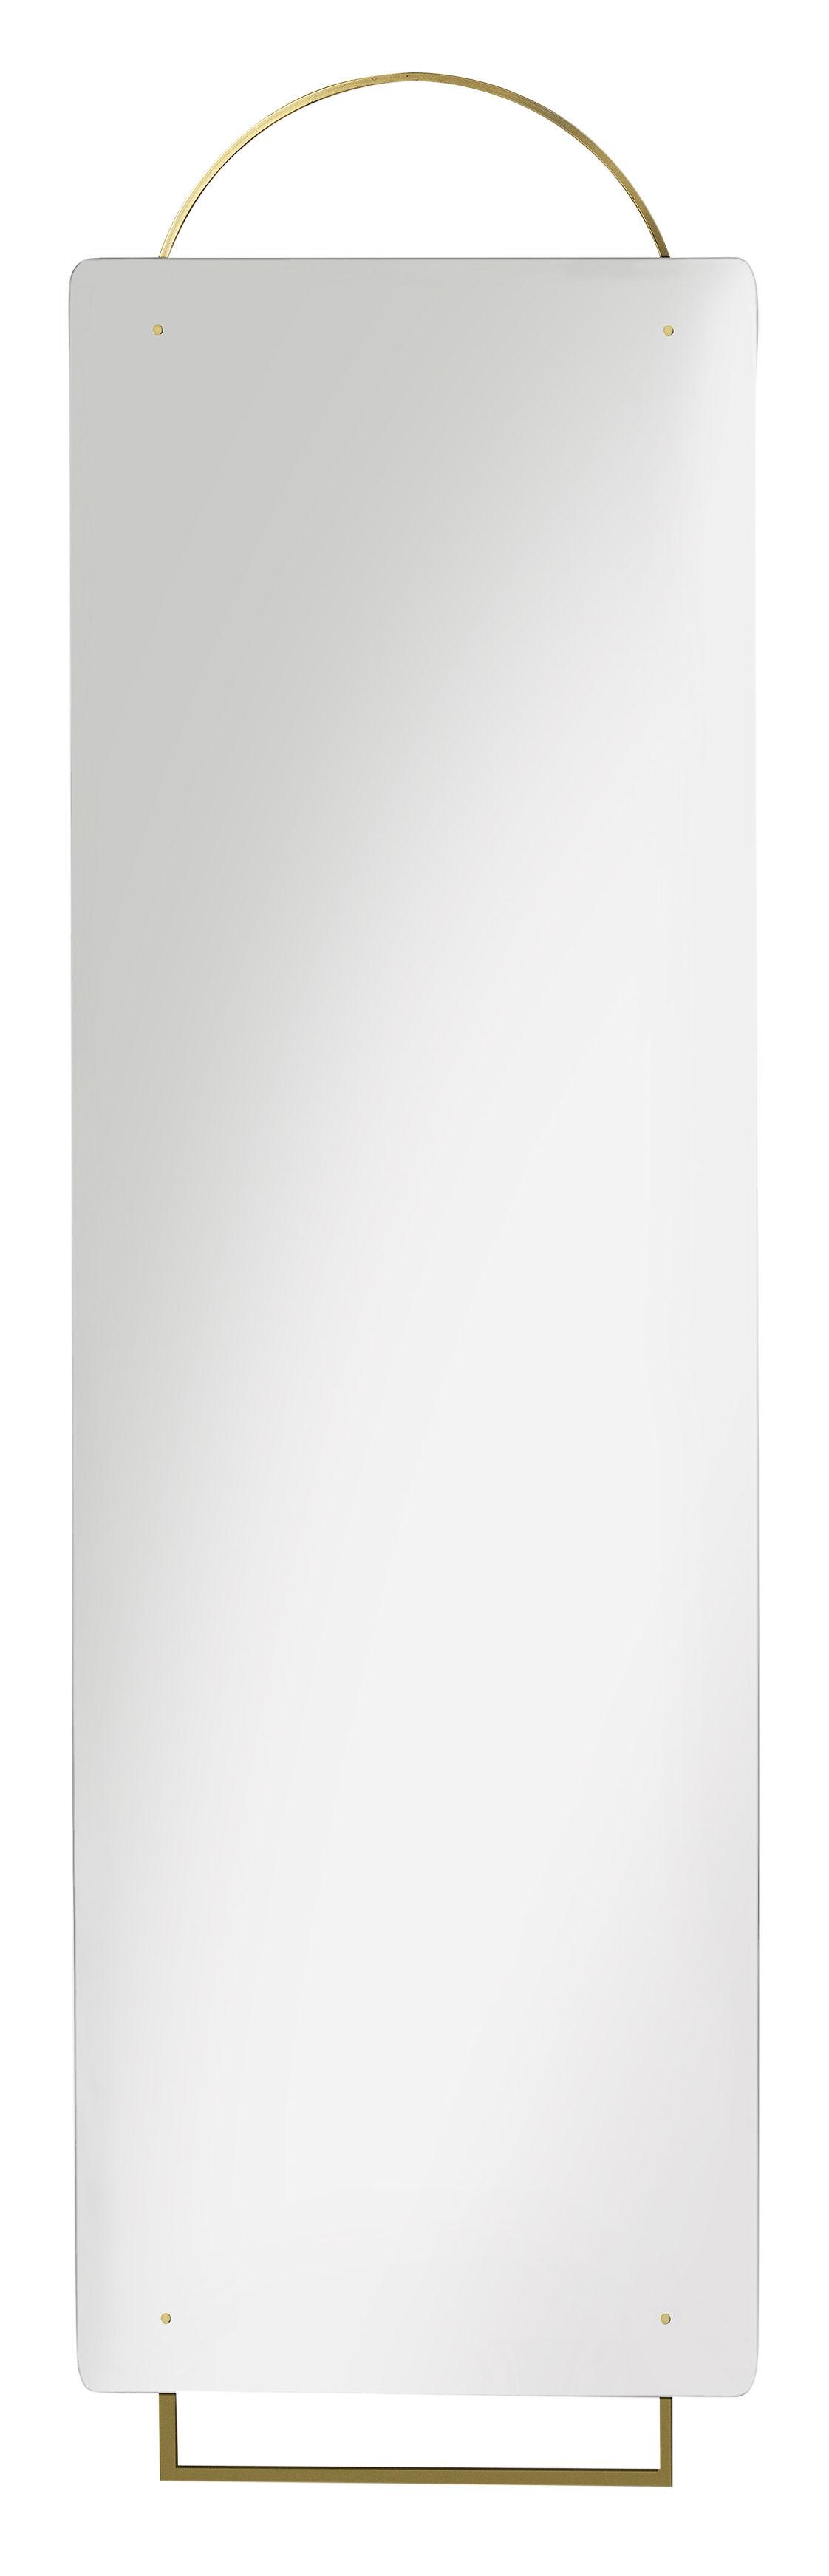 Déco - Miroirs - Miroir mural Adorn Large / L 45 x H 159 cm - Laiton - Ferm Living - Laiton - Métal plaqué laiton, Verre